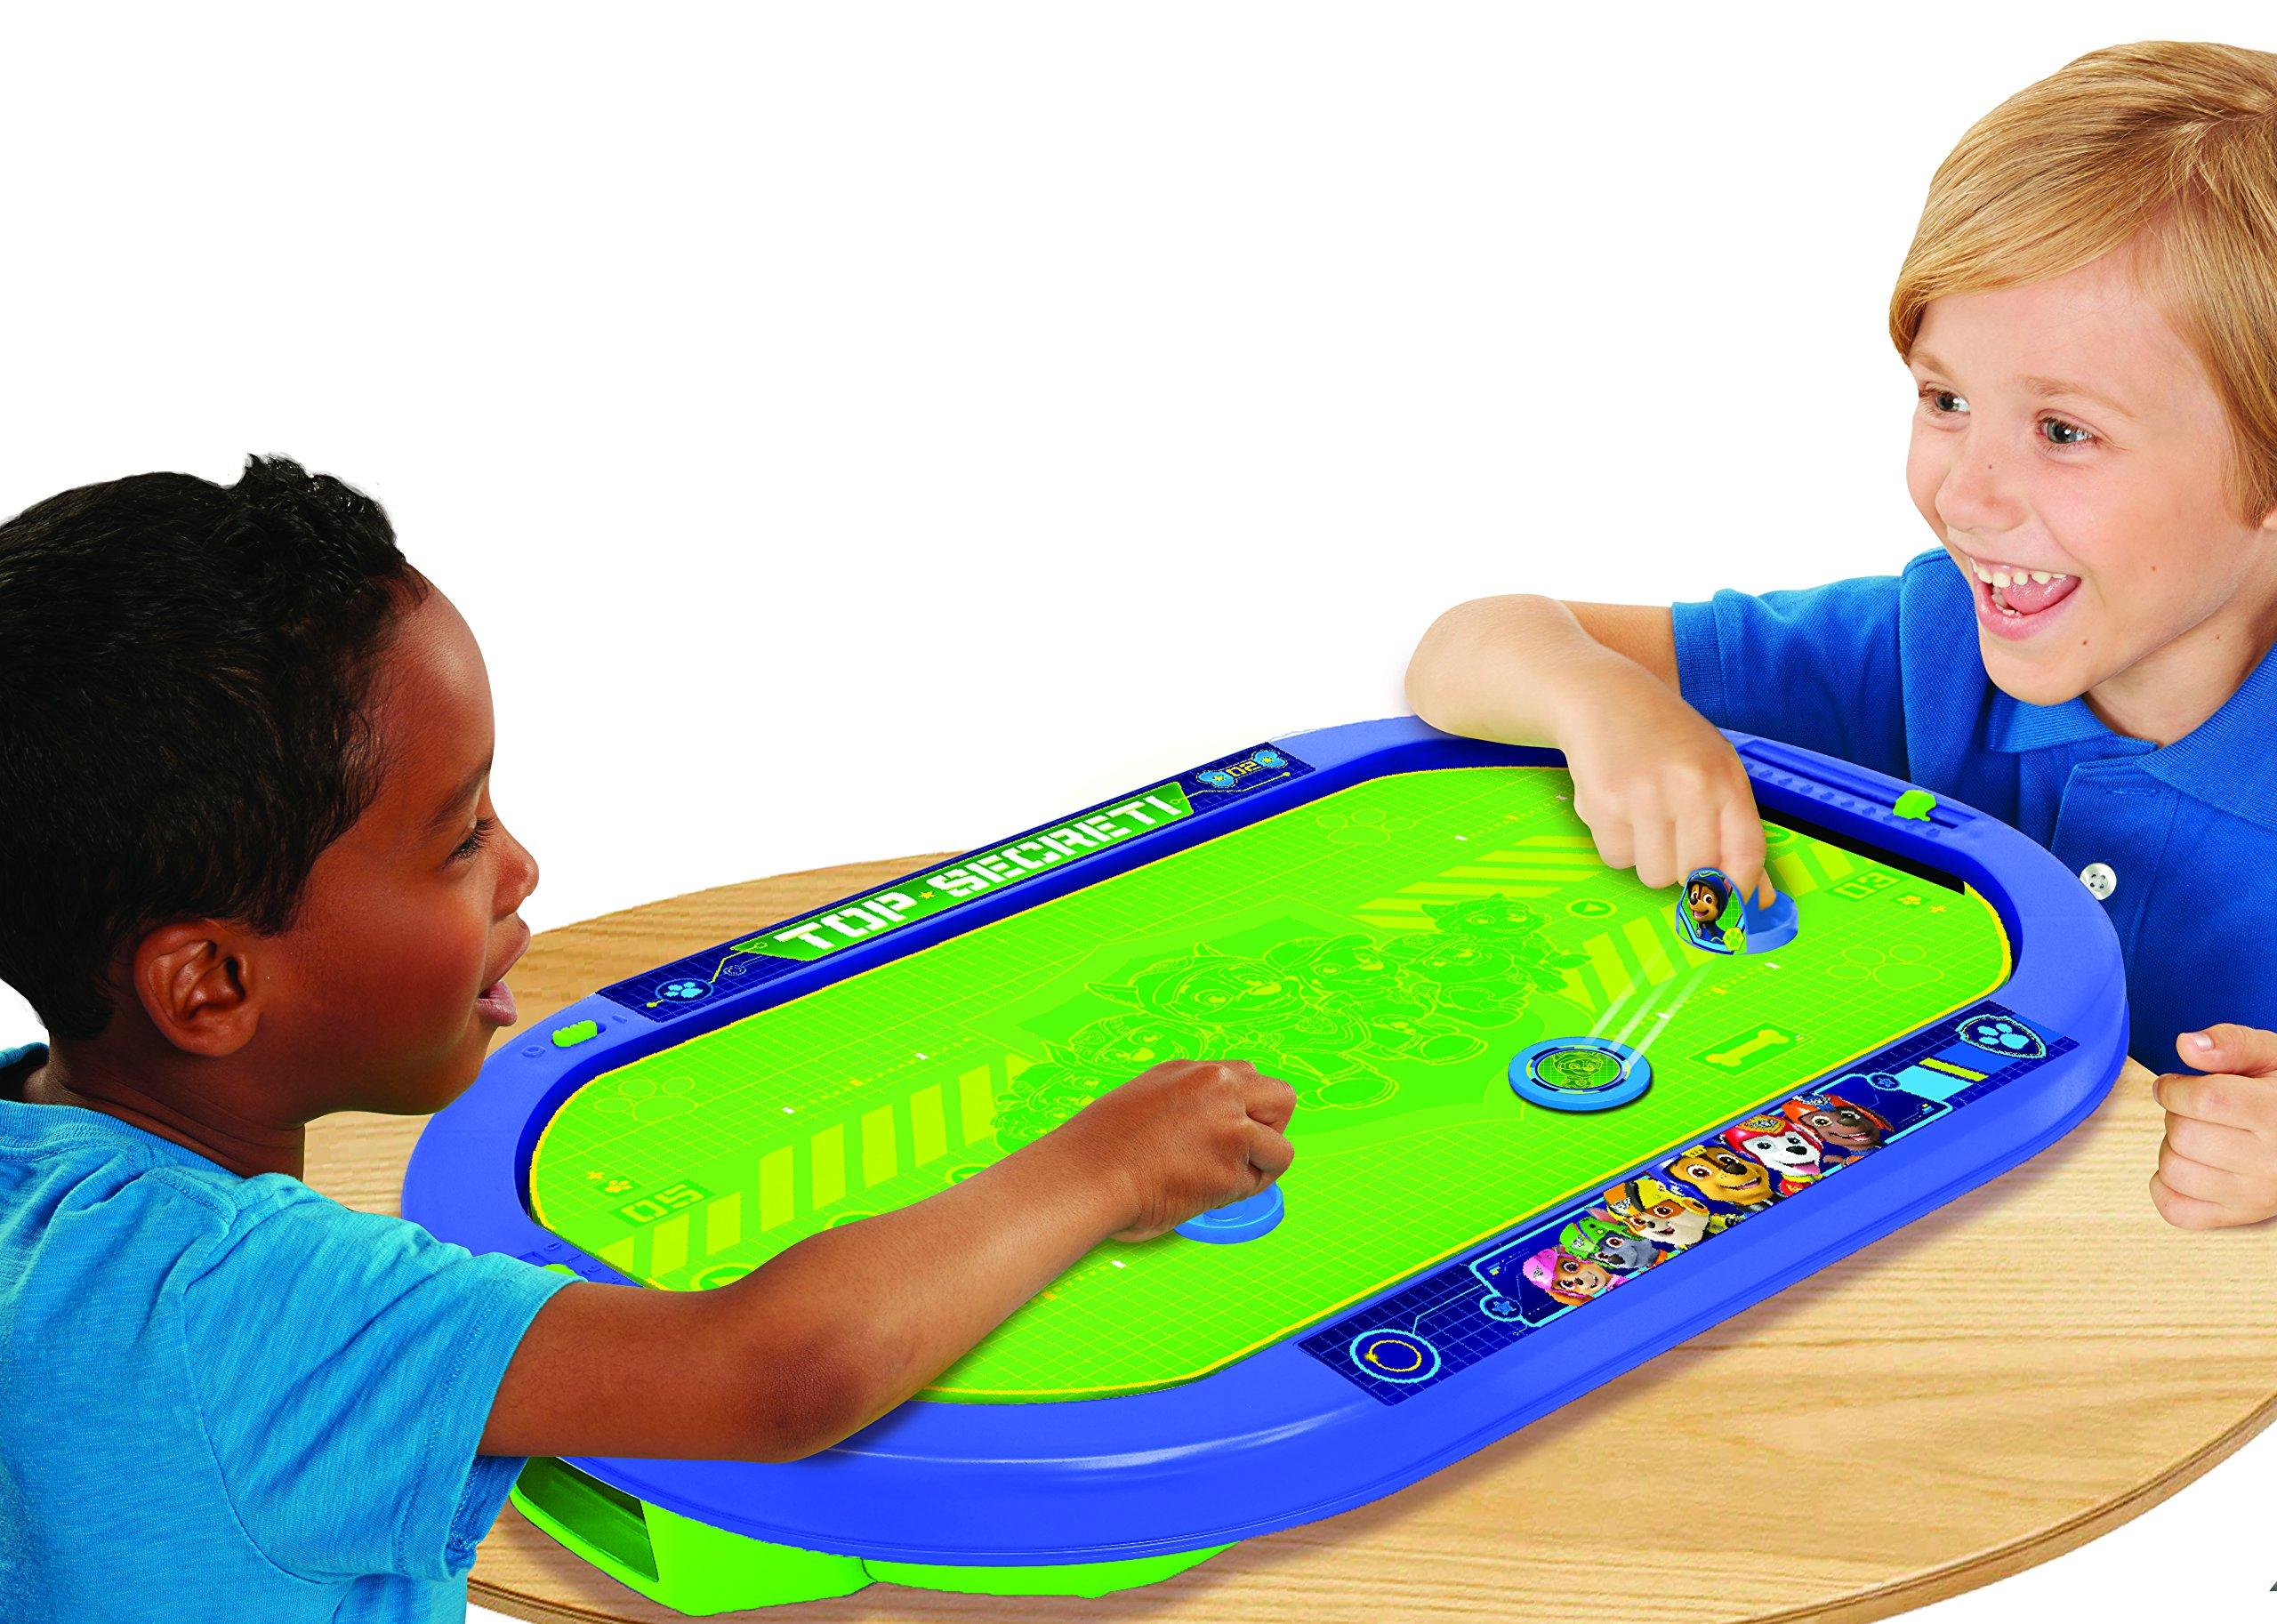 Nickelodeon Paw Patrol Code Air-Cade Tabletop Hockey Game by Nickelodeon